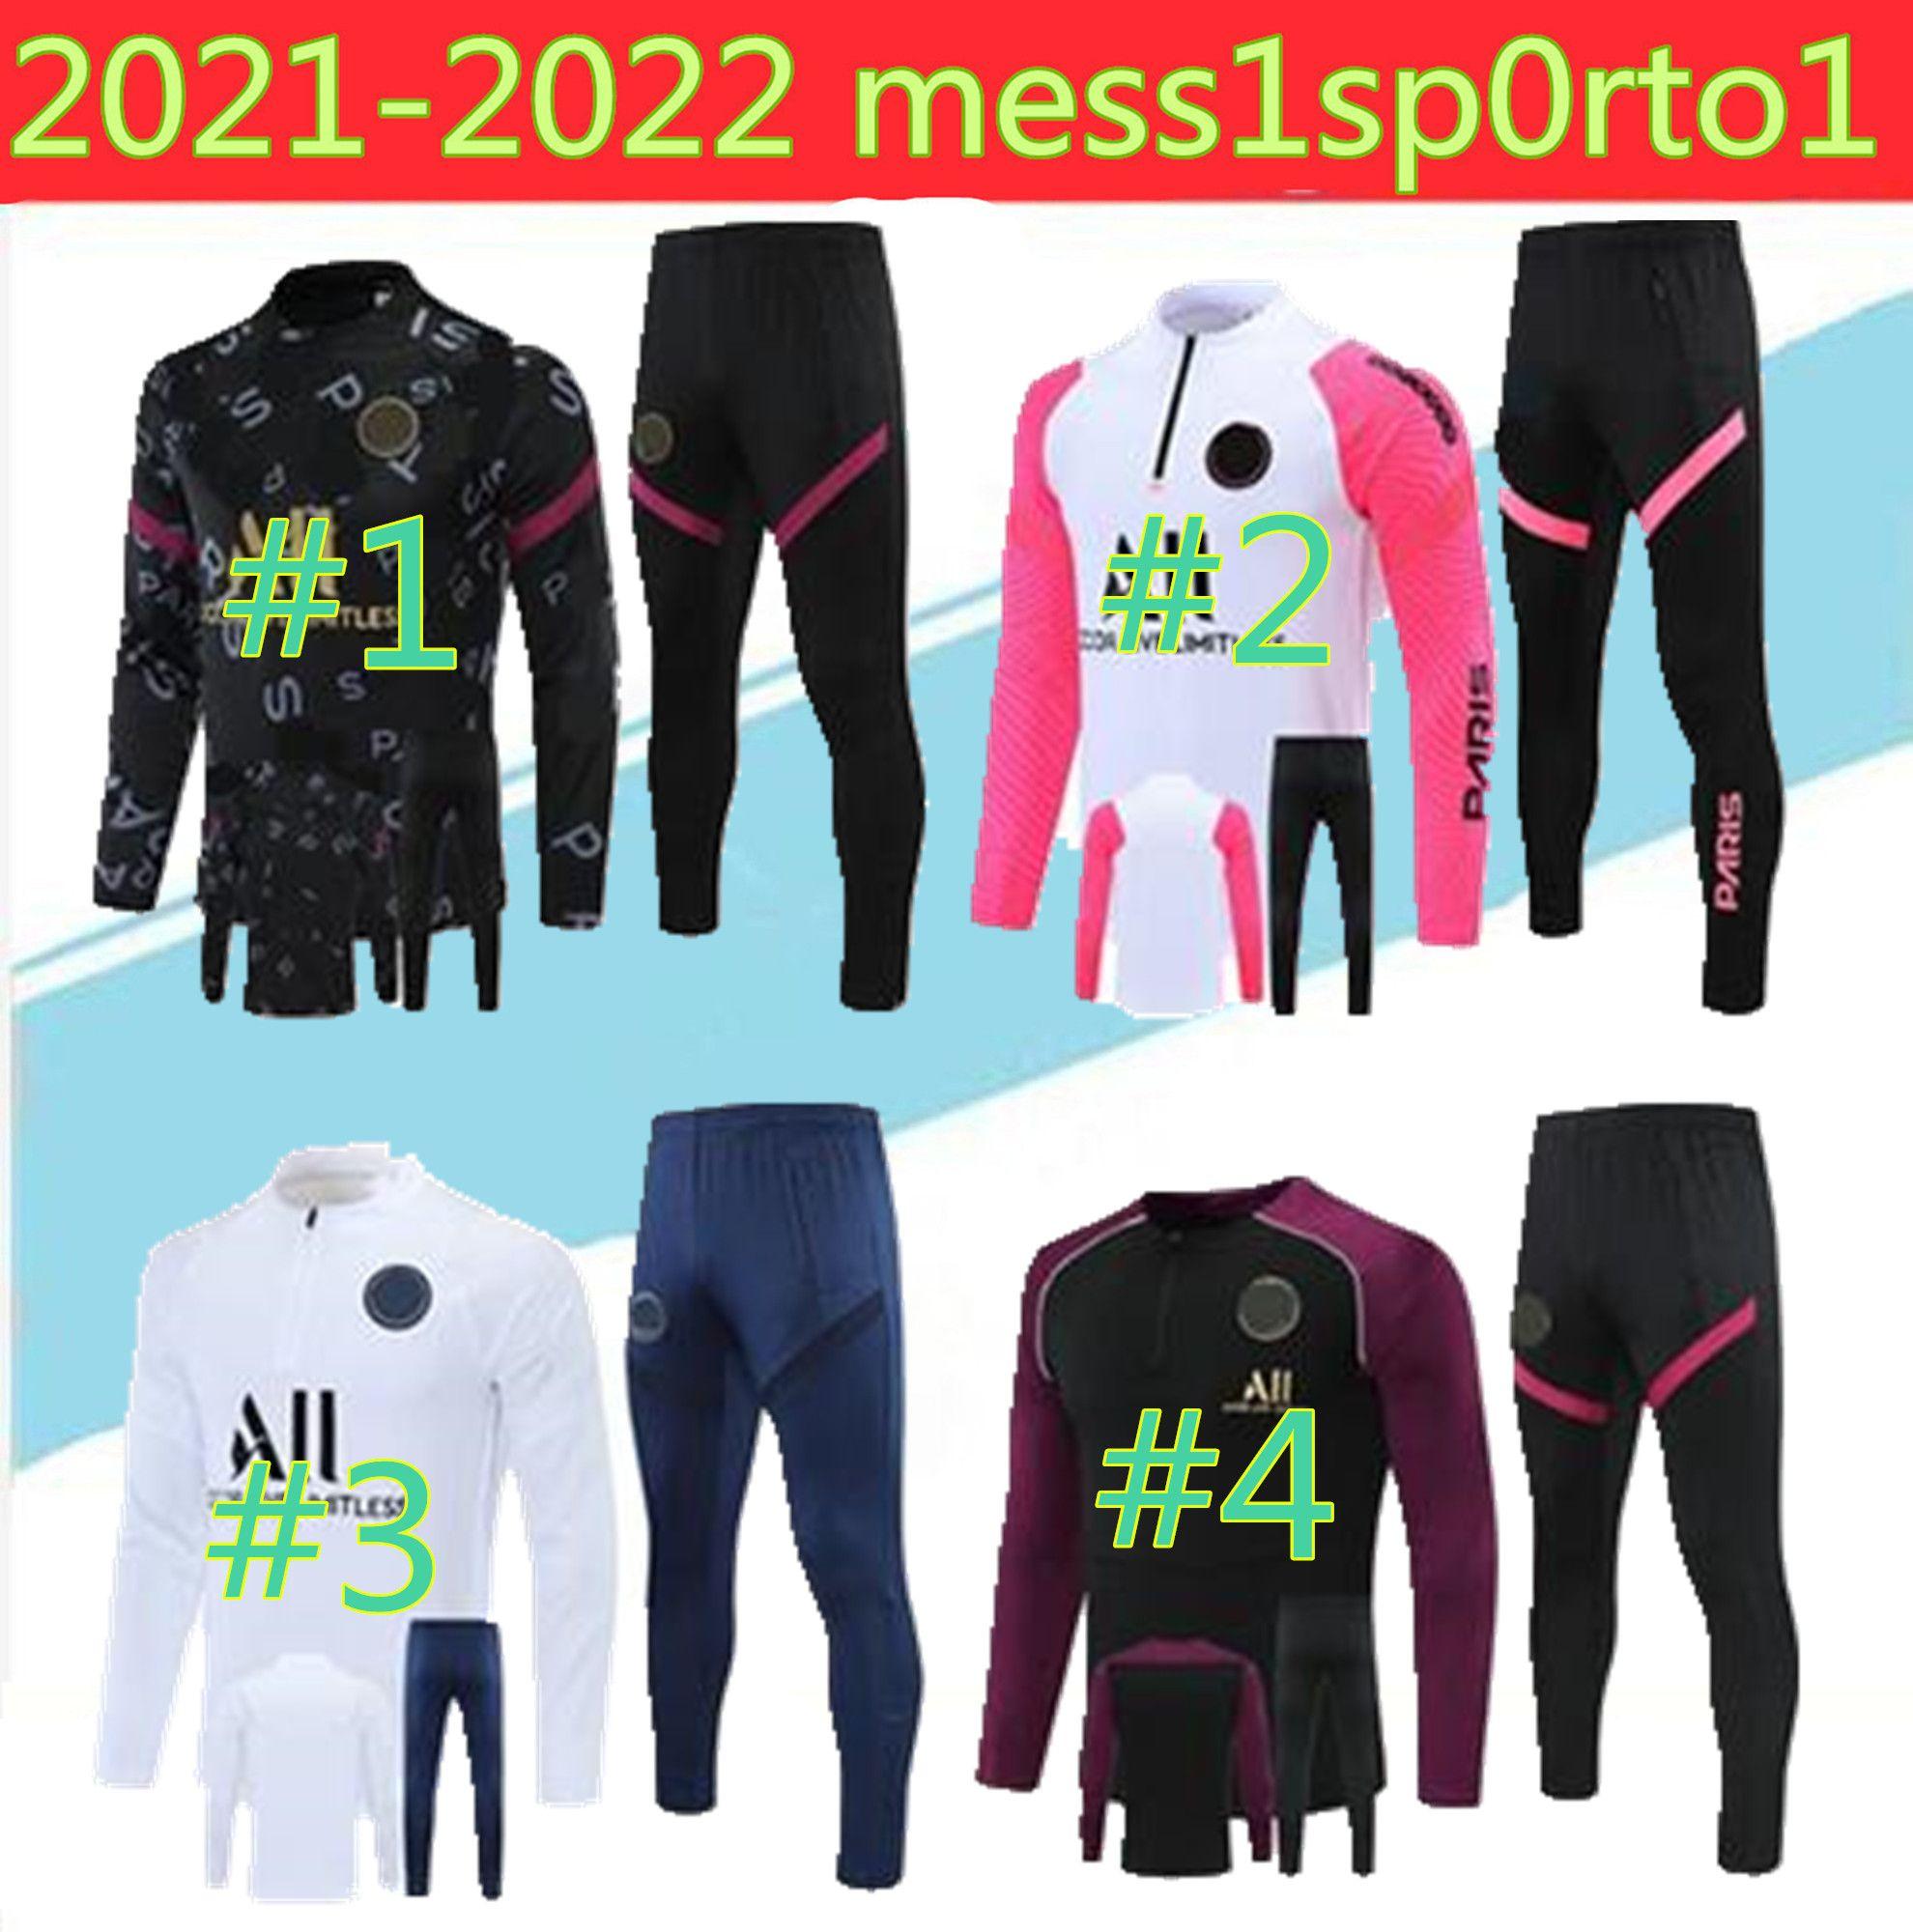 20/21 Par Uzun Fermuar Şapka Ceket Eşofman 2021 Mbapp Yağmur Seti Futbol Futbol Forması Kiti Eğitim Takım Elbise Üniforma Chandal